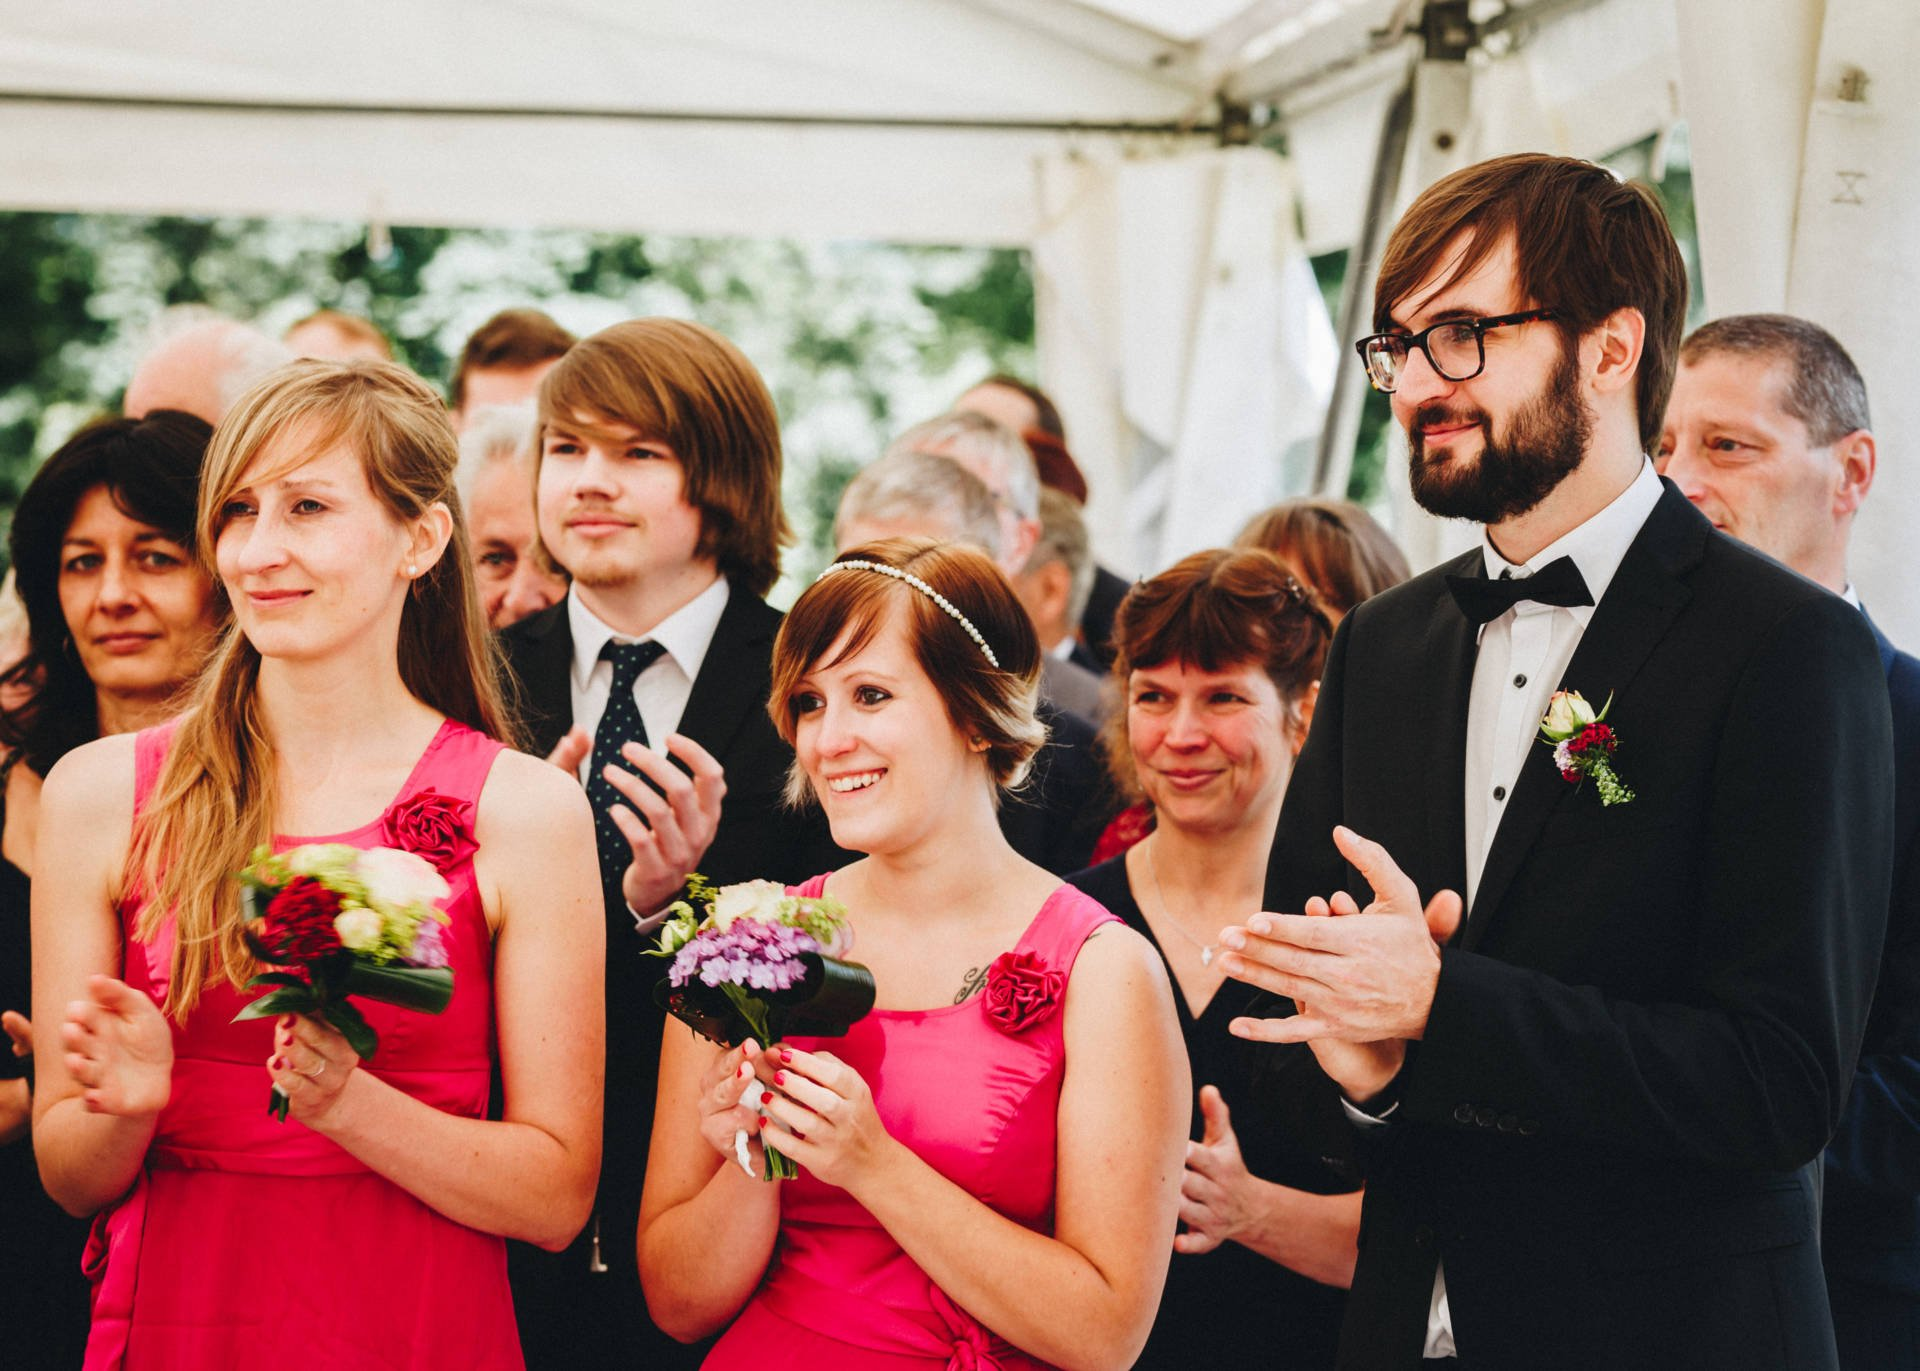 50mmfreunde Hochzeit Poesneck VillaAltenburg 15 - Freie Trauung in der Villa Altenburg